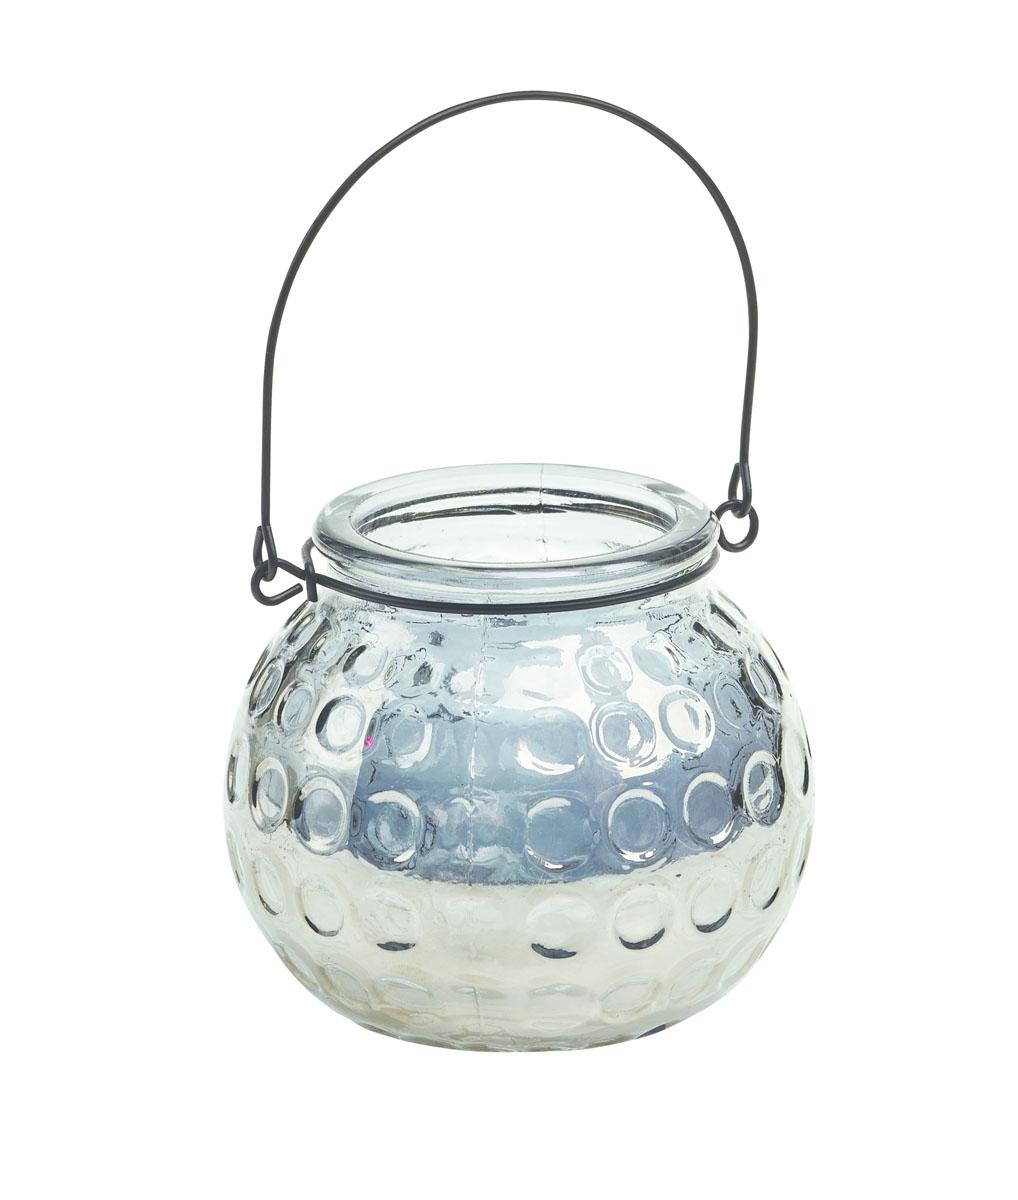 Подсвечник Gardman Honey Pot, цвет: серебристый, 8,5 см17915